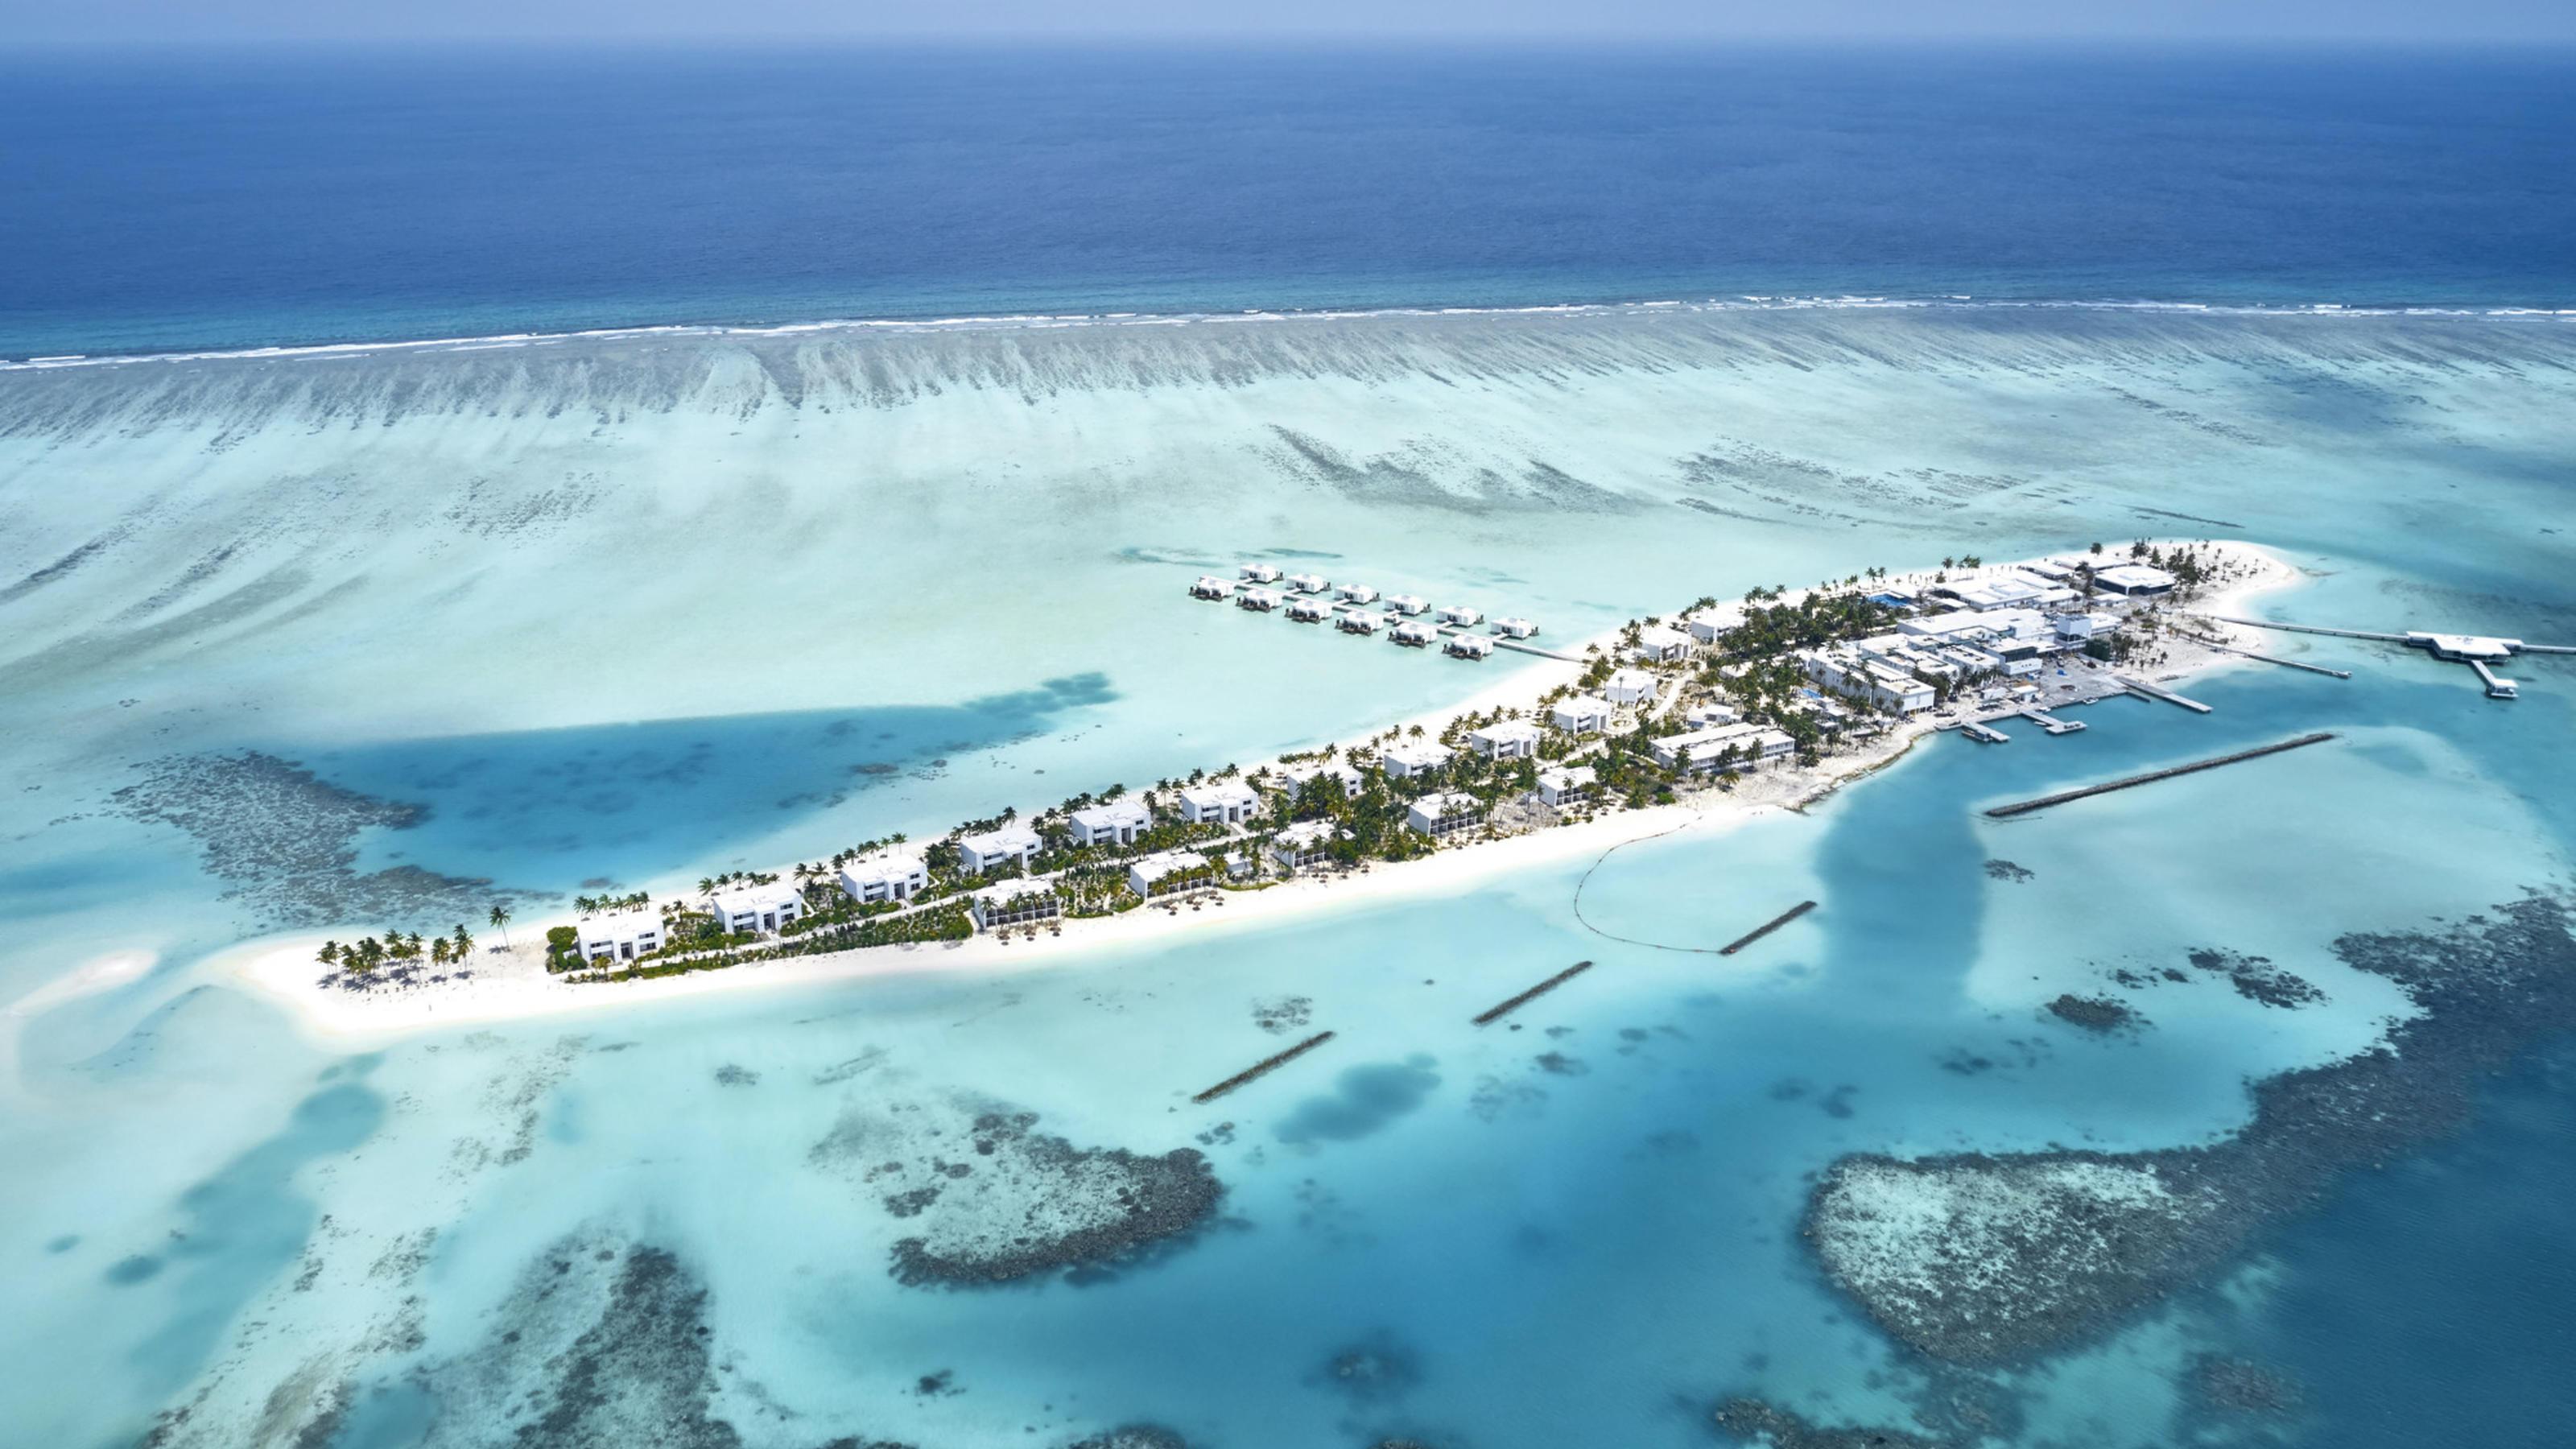 4 Hochzeiten Und Eine Traumreise Es Geht Auf Die Malediven